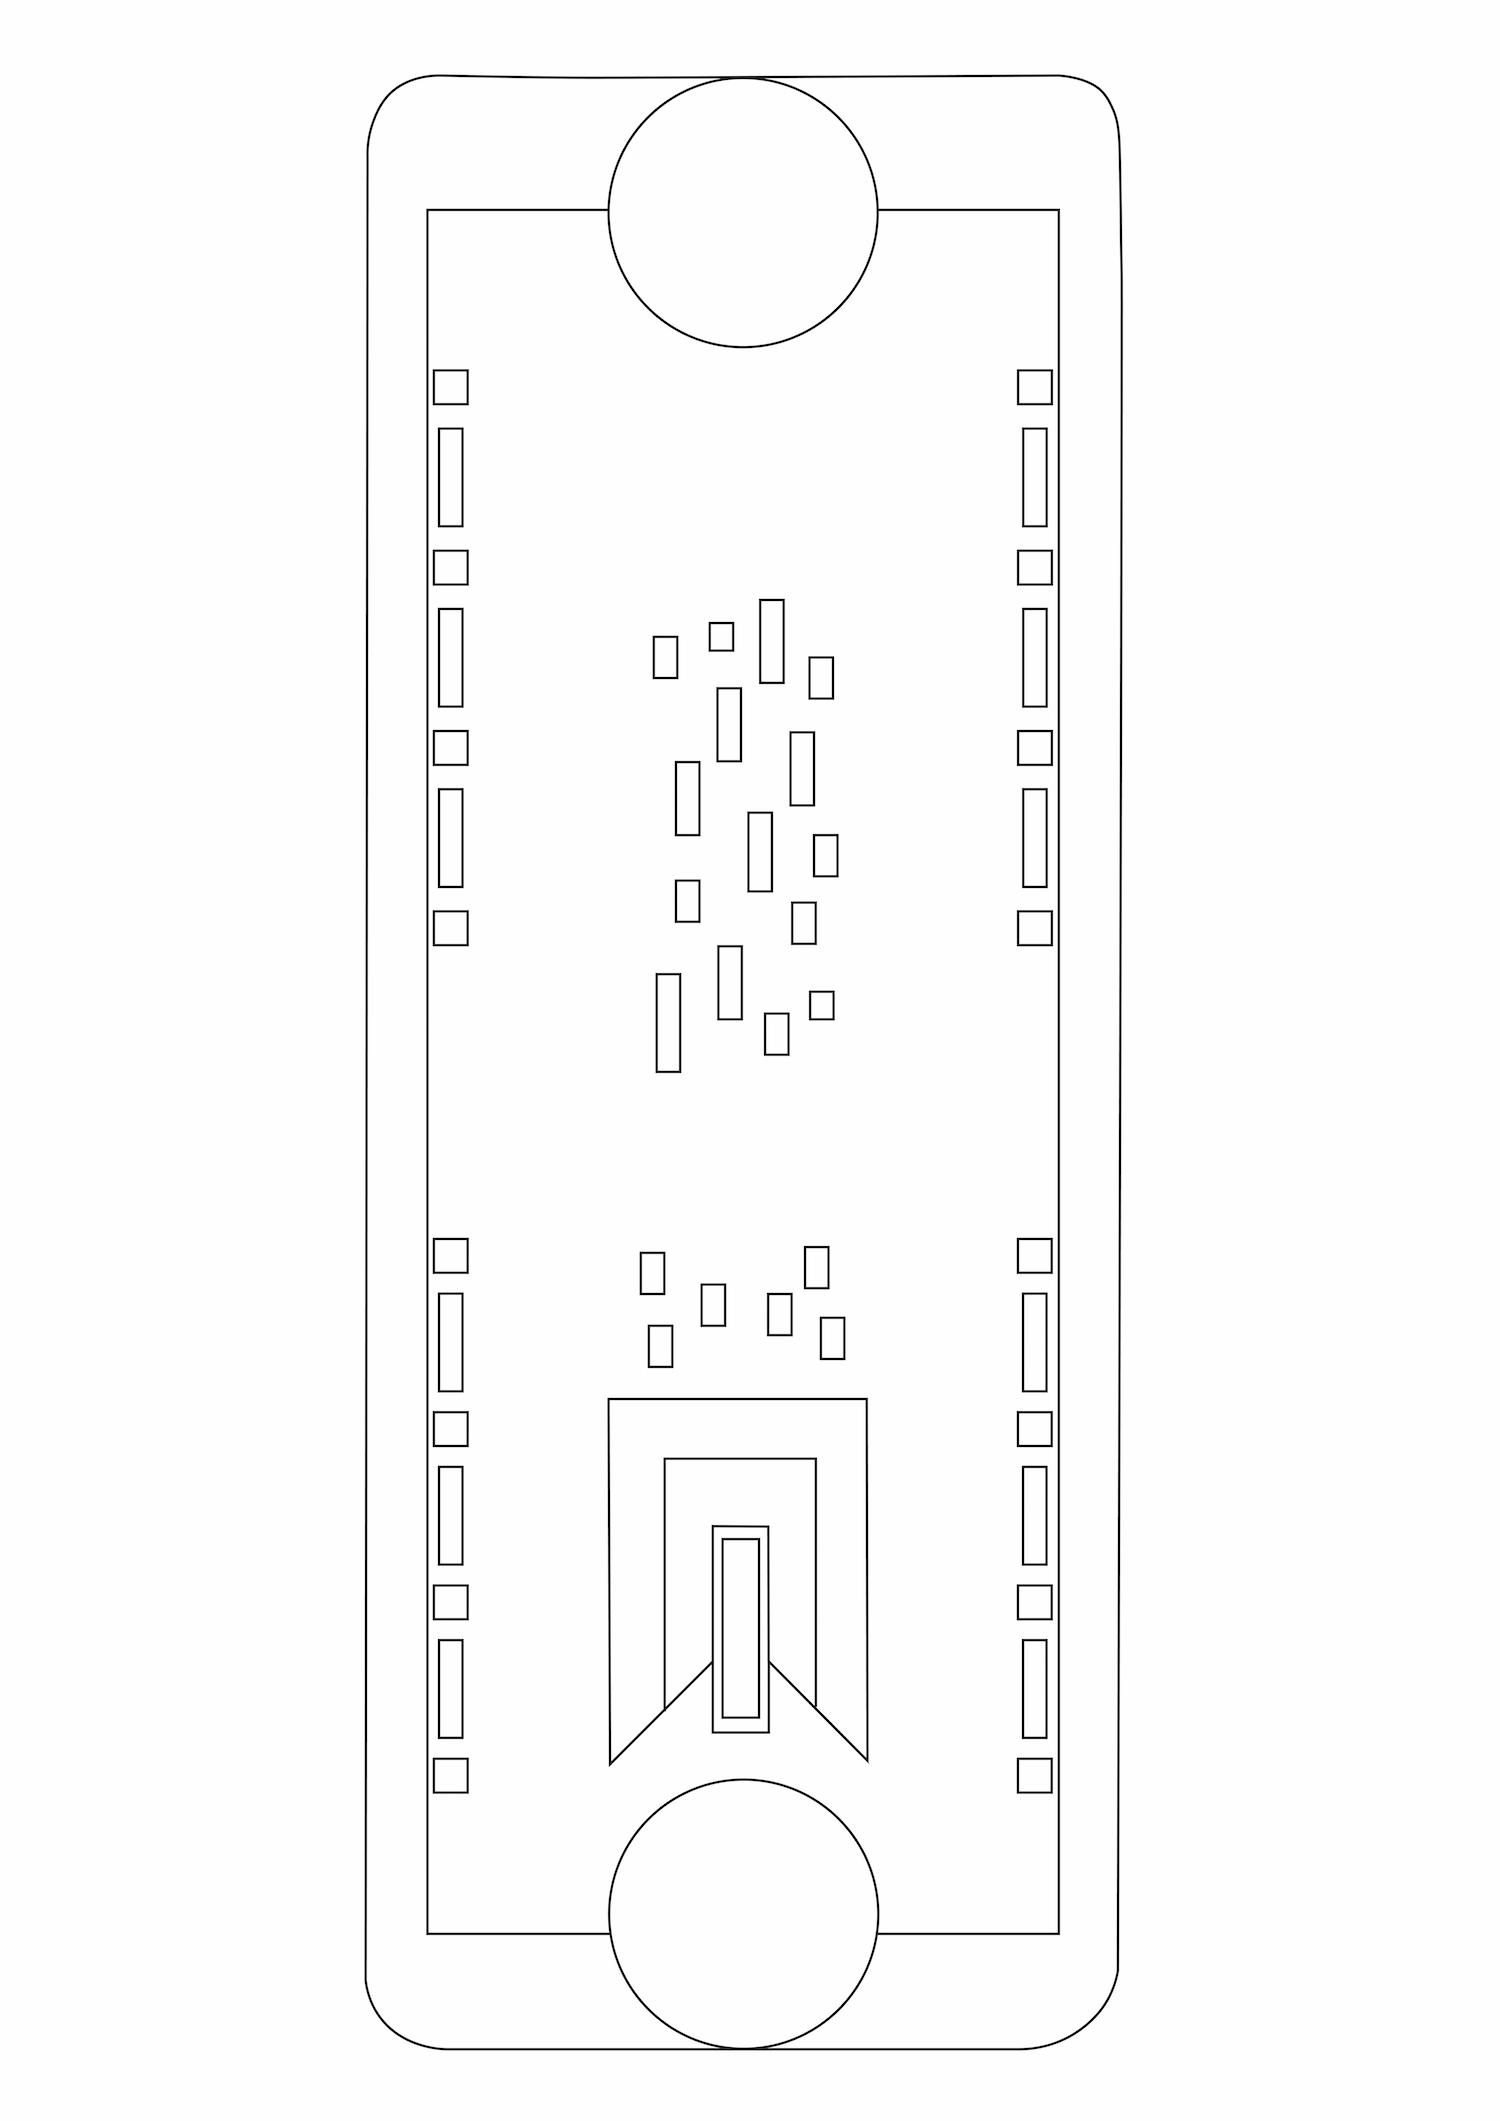 44_Zeichenfläche 1.jpg